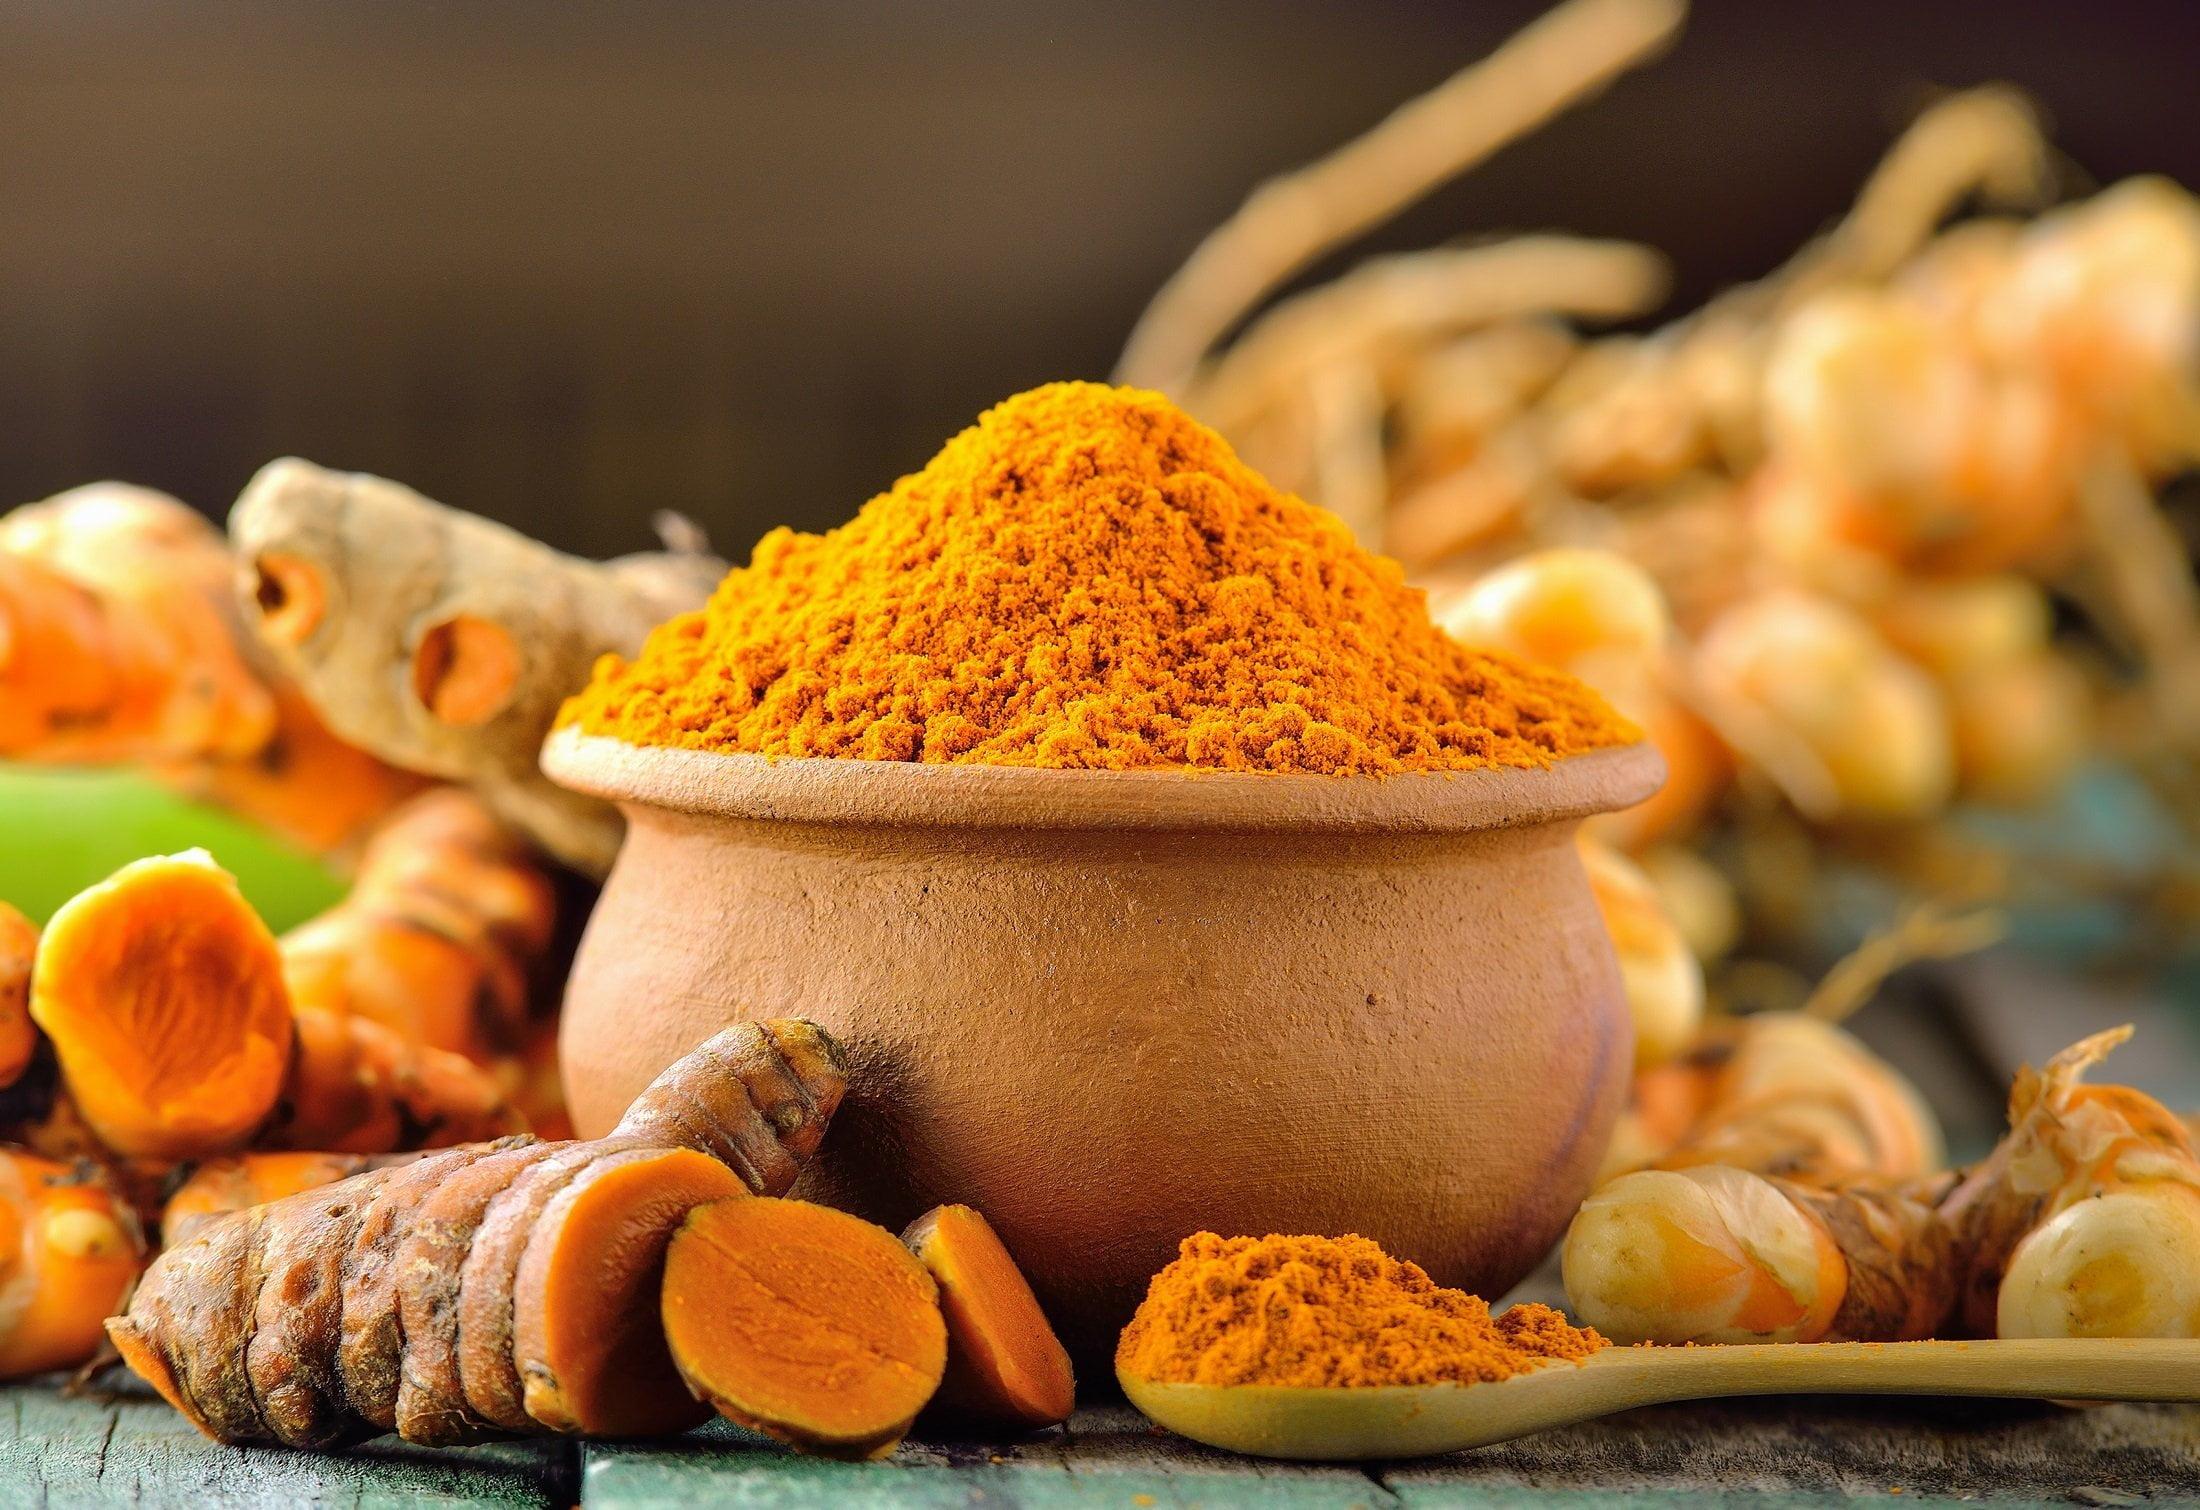 Tinh bột nghệ sở hữu hệ thống chất dinh dưỡng vô cùng đa dạng và lành mạnh như: vitamin E, K, C, canxi,...